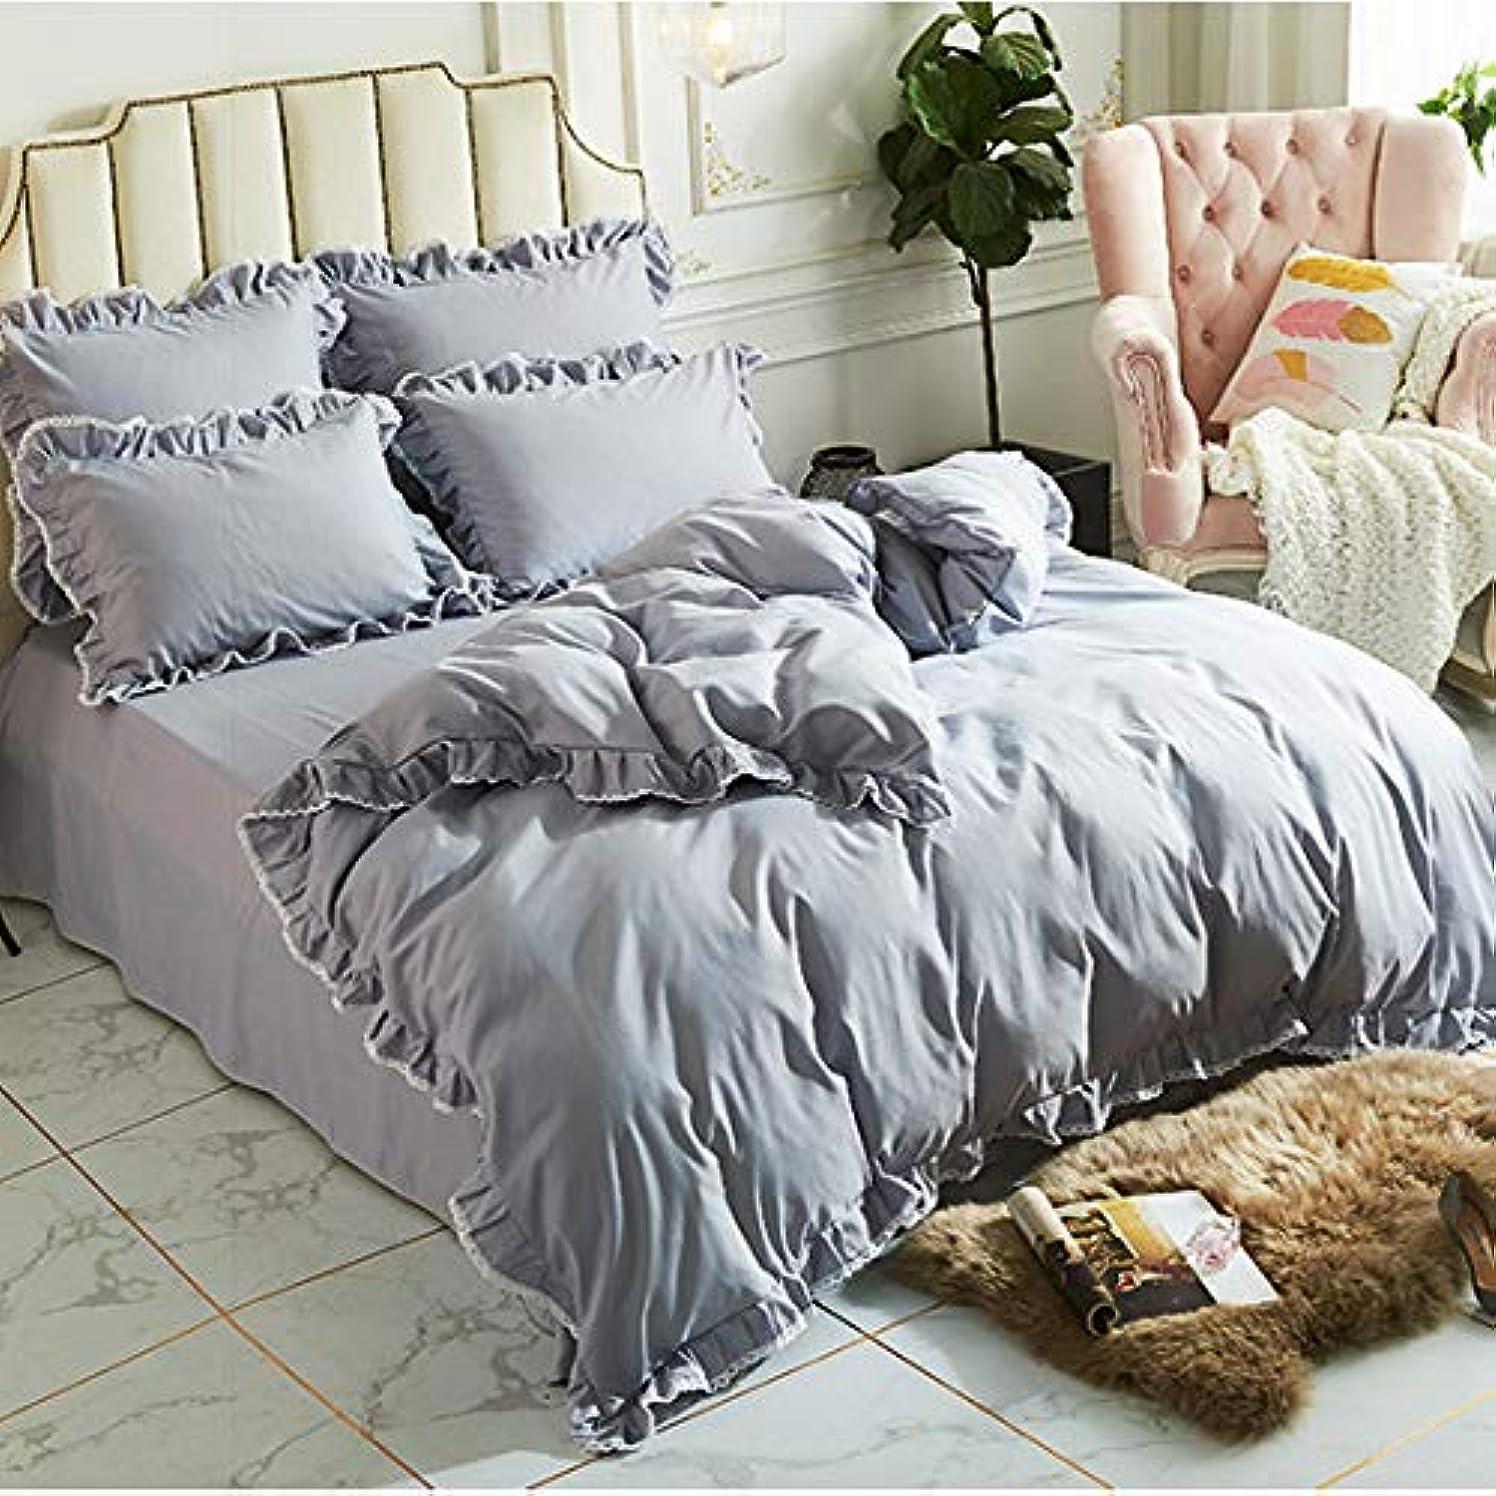 スロットプロフェッショナルコンデンサー無地 アンティーク寝具カバー/ホワイトレース綿100%グレーの掛布団カバー 枕カバー2枚